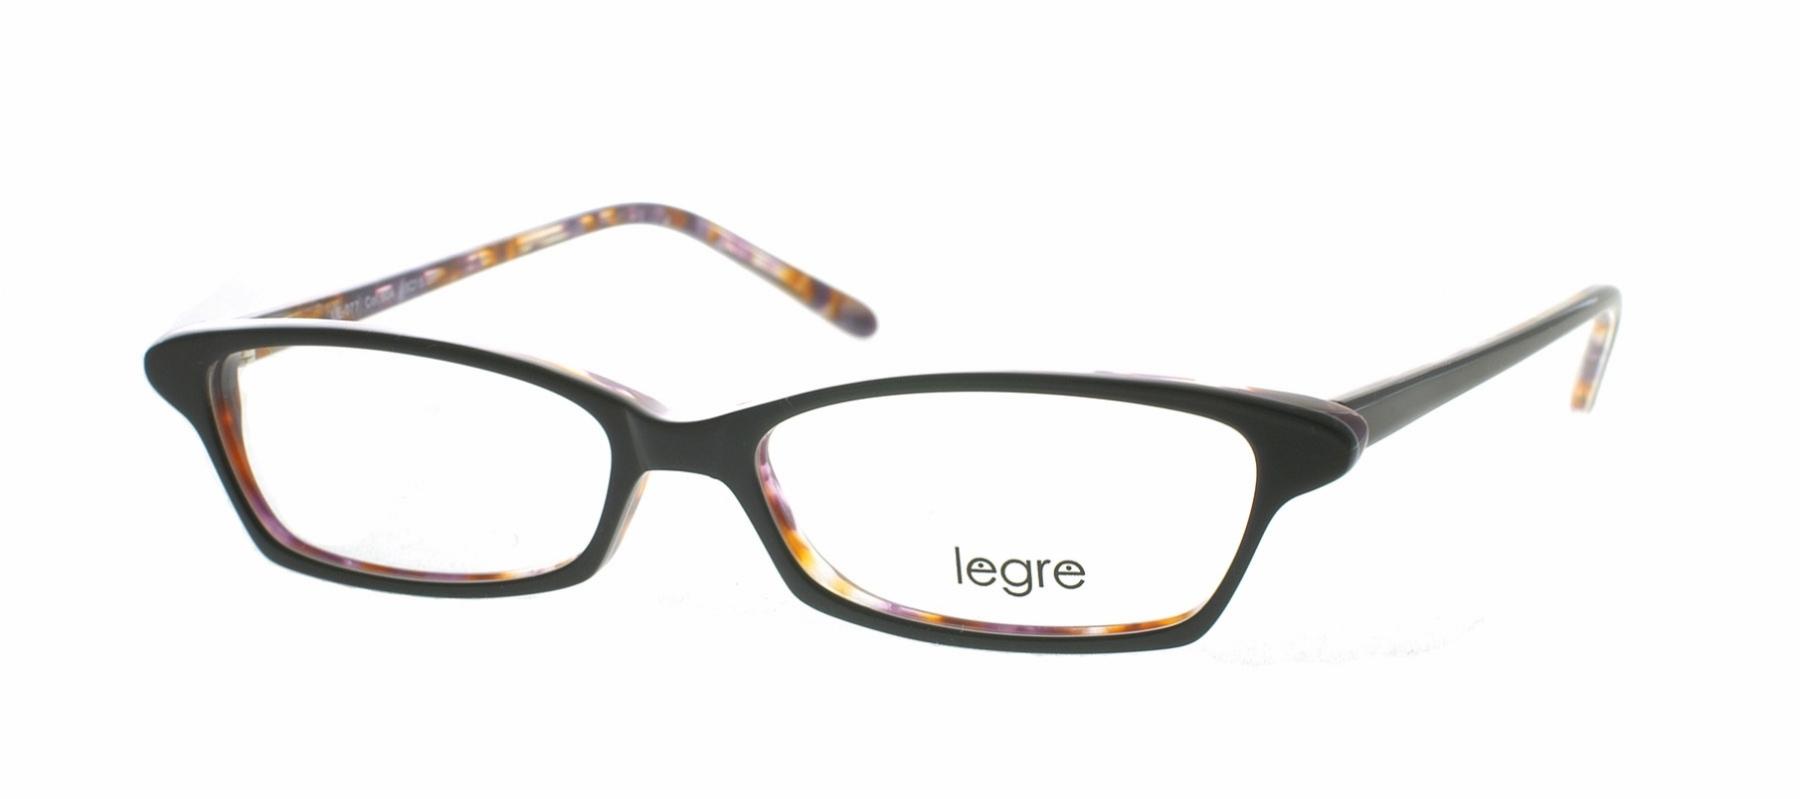 Legre Eyeglasses Discount Designer Sunglasses